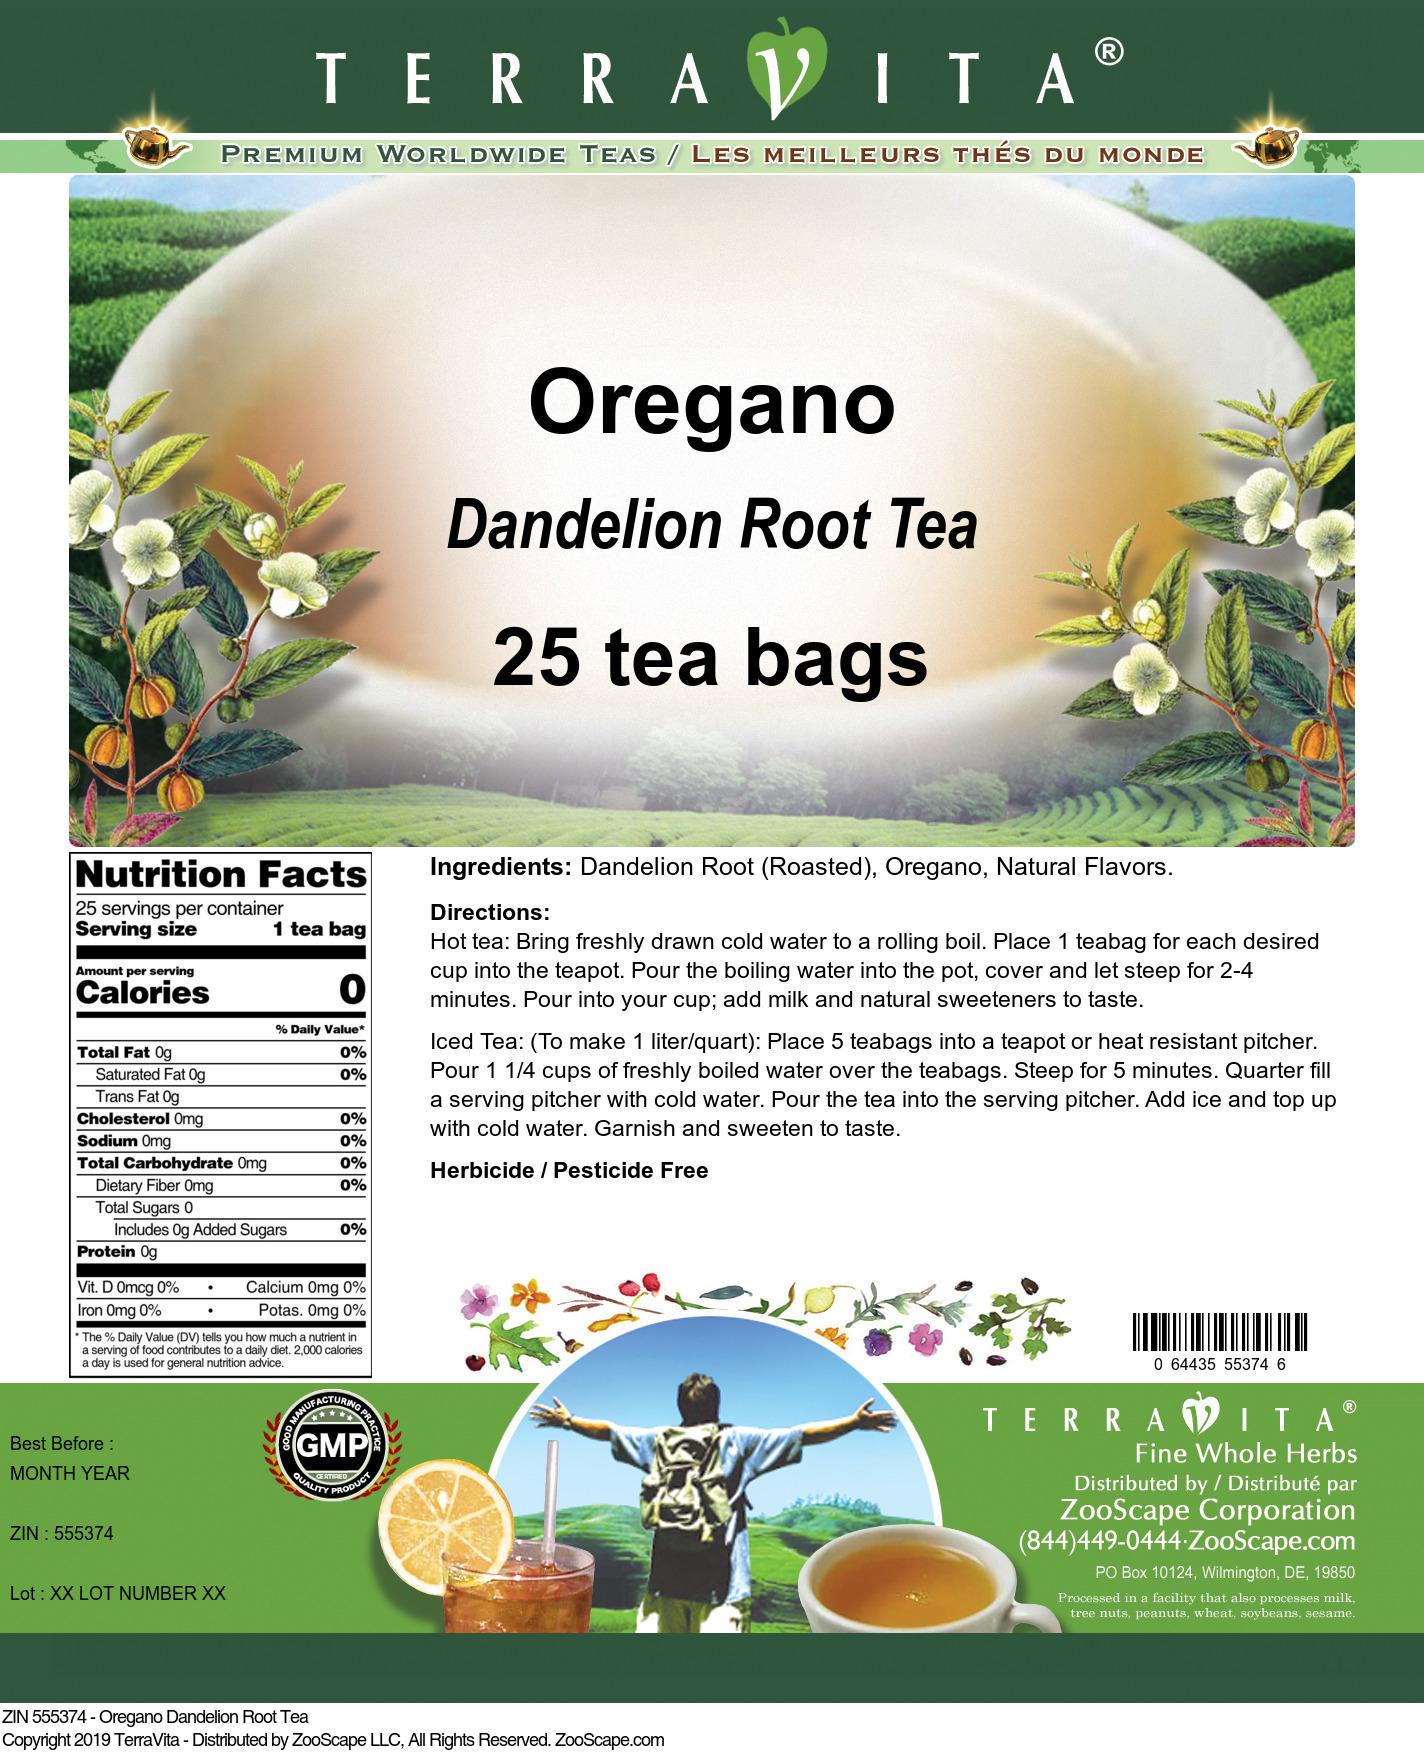 Oregano Dandelion Root Tea